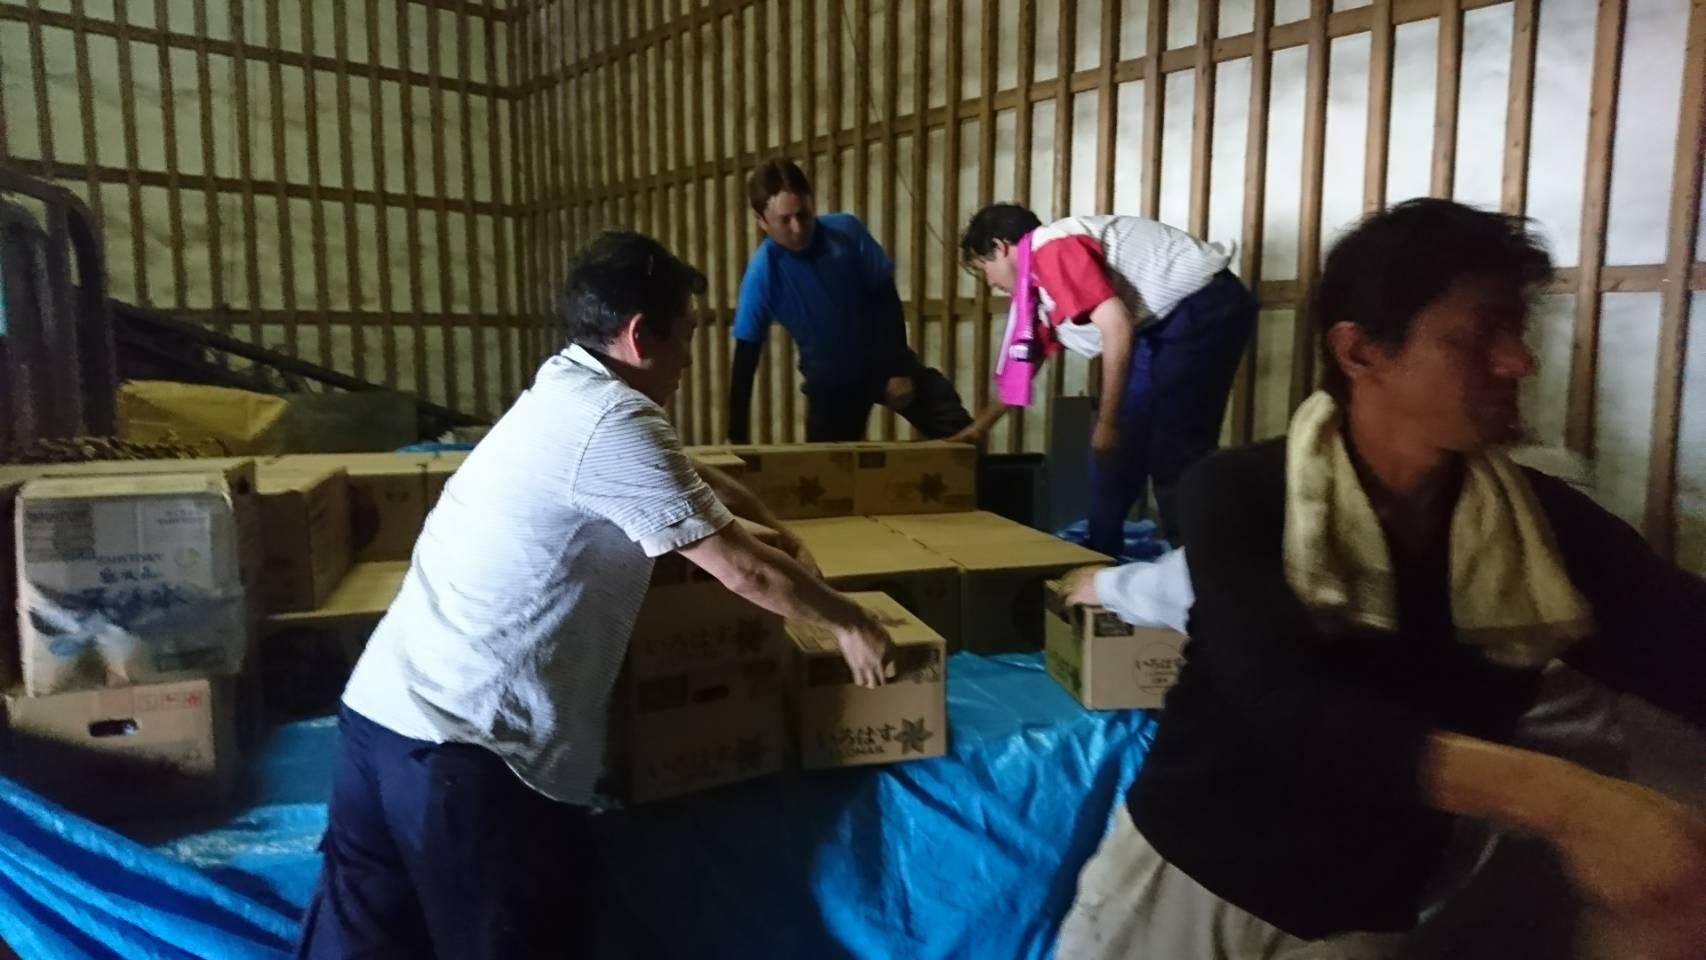 九州北部豪雨災害復興支援ボランティア活動のサムネイル画像7